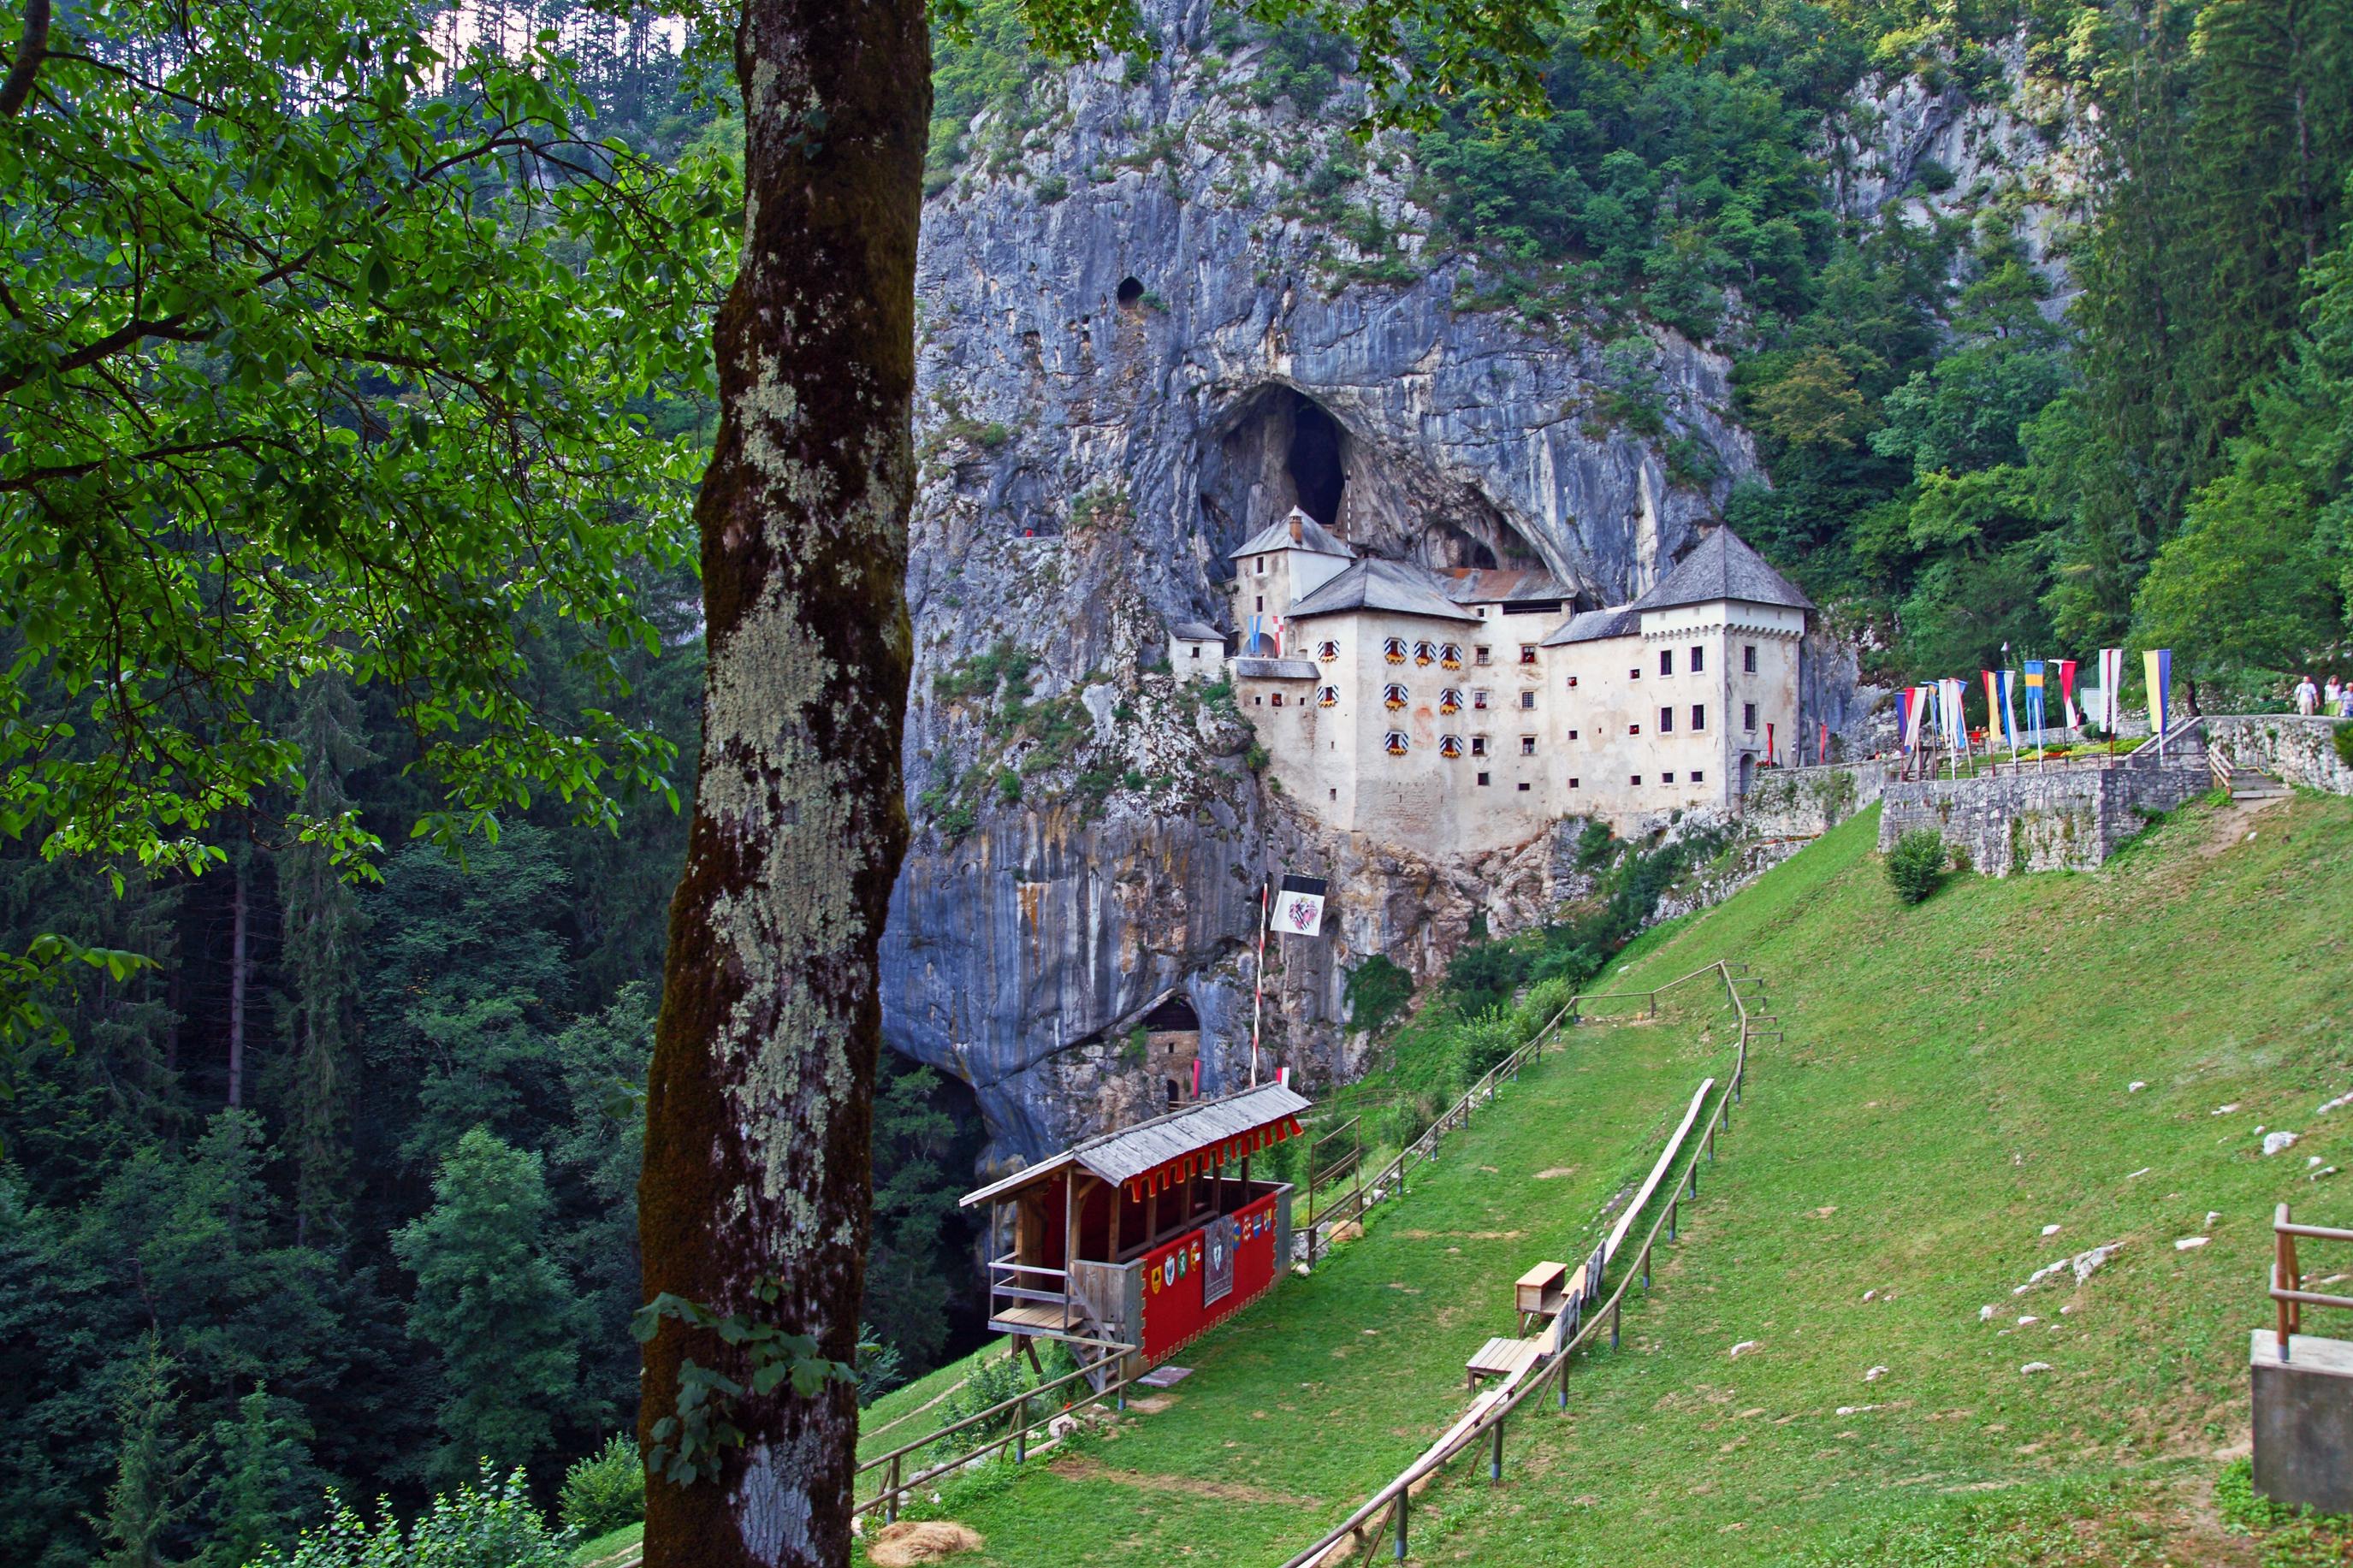 El tren más especial: ¡va por dentro de una cueva de cinco kilómetros! - Croacia Circuito Croacia y Eslovenia